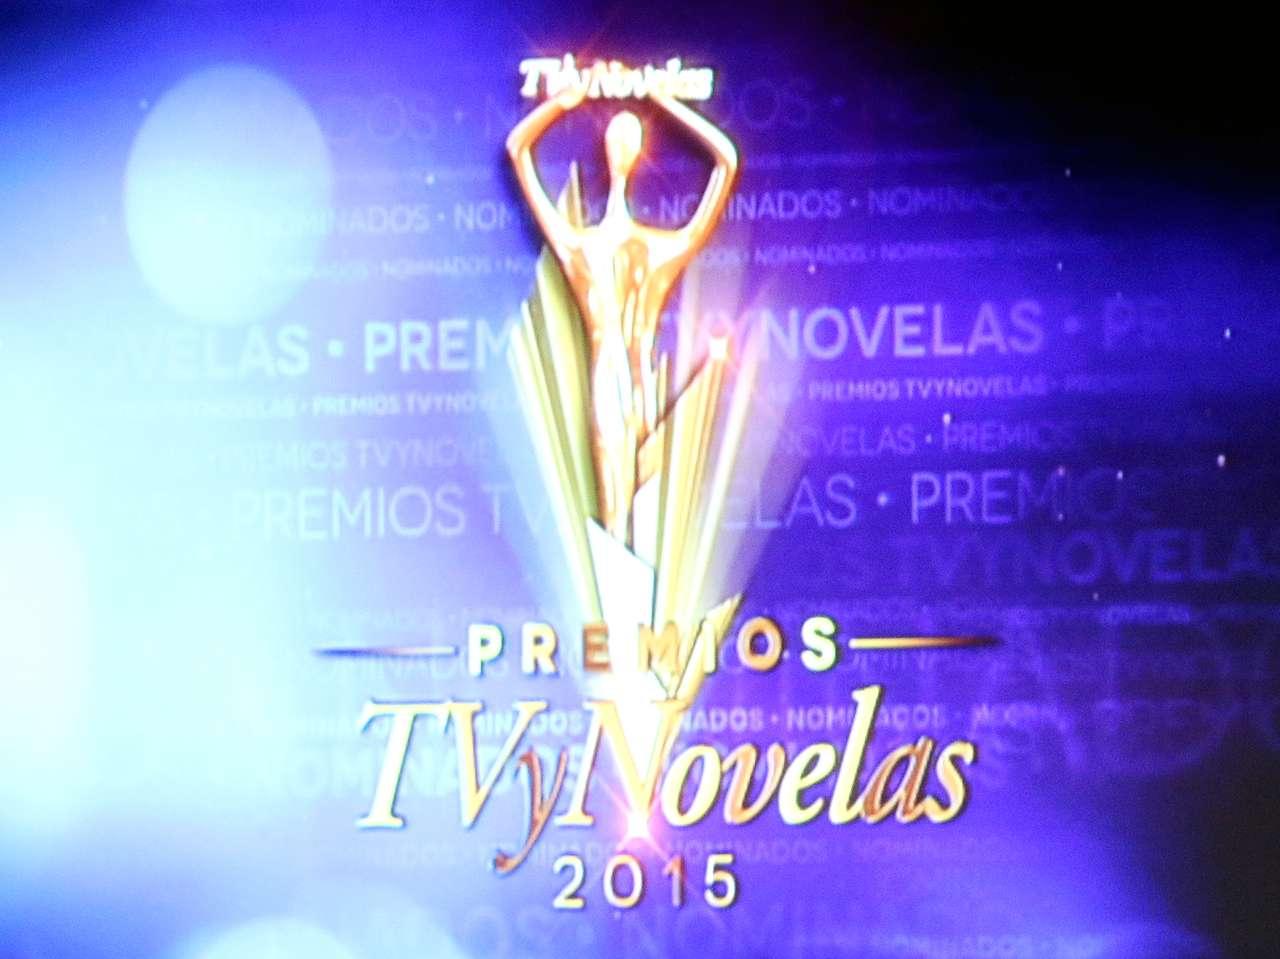 Los Premios TVyNovelas 2015 se entregan el 8 de marzo. Foto: Medios y Media